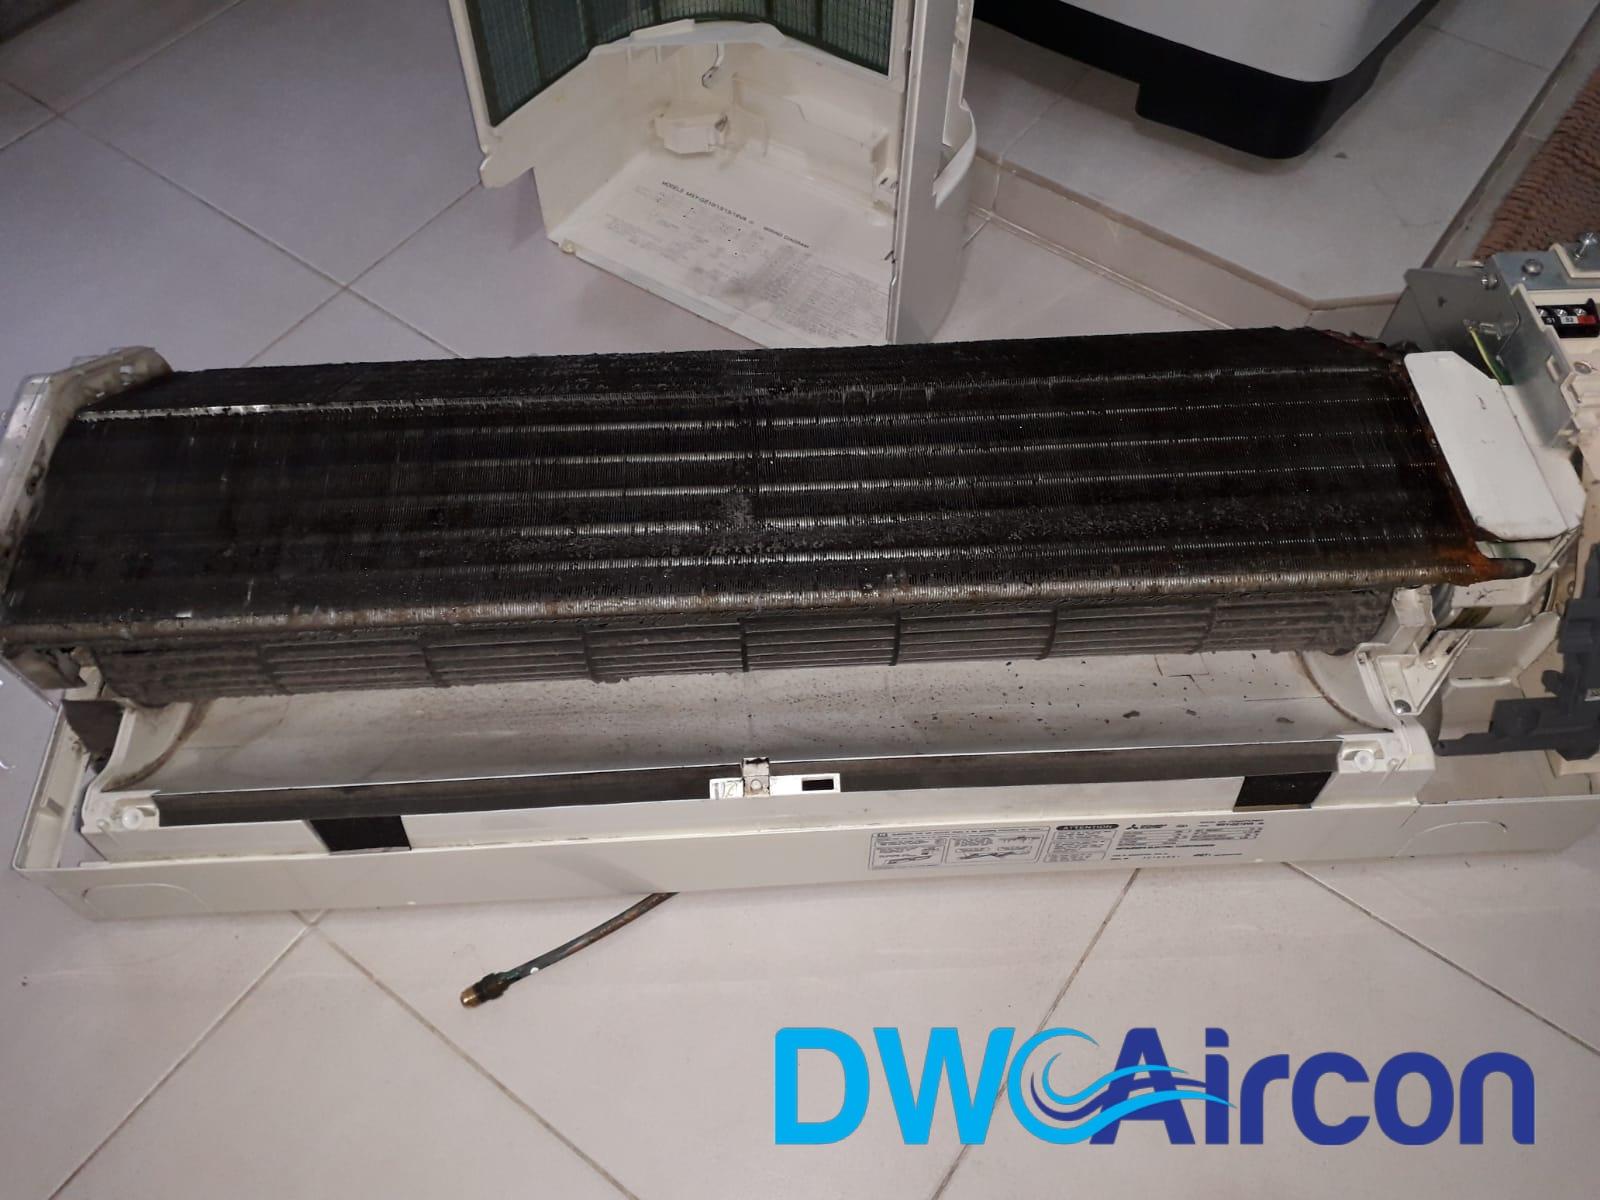 aircon servicing aircon chemical overhaul dw aircon singapore hdb tiong bahru